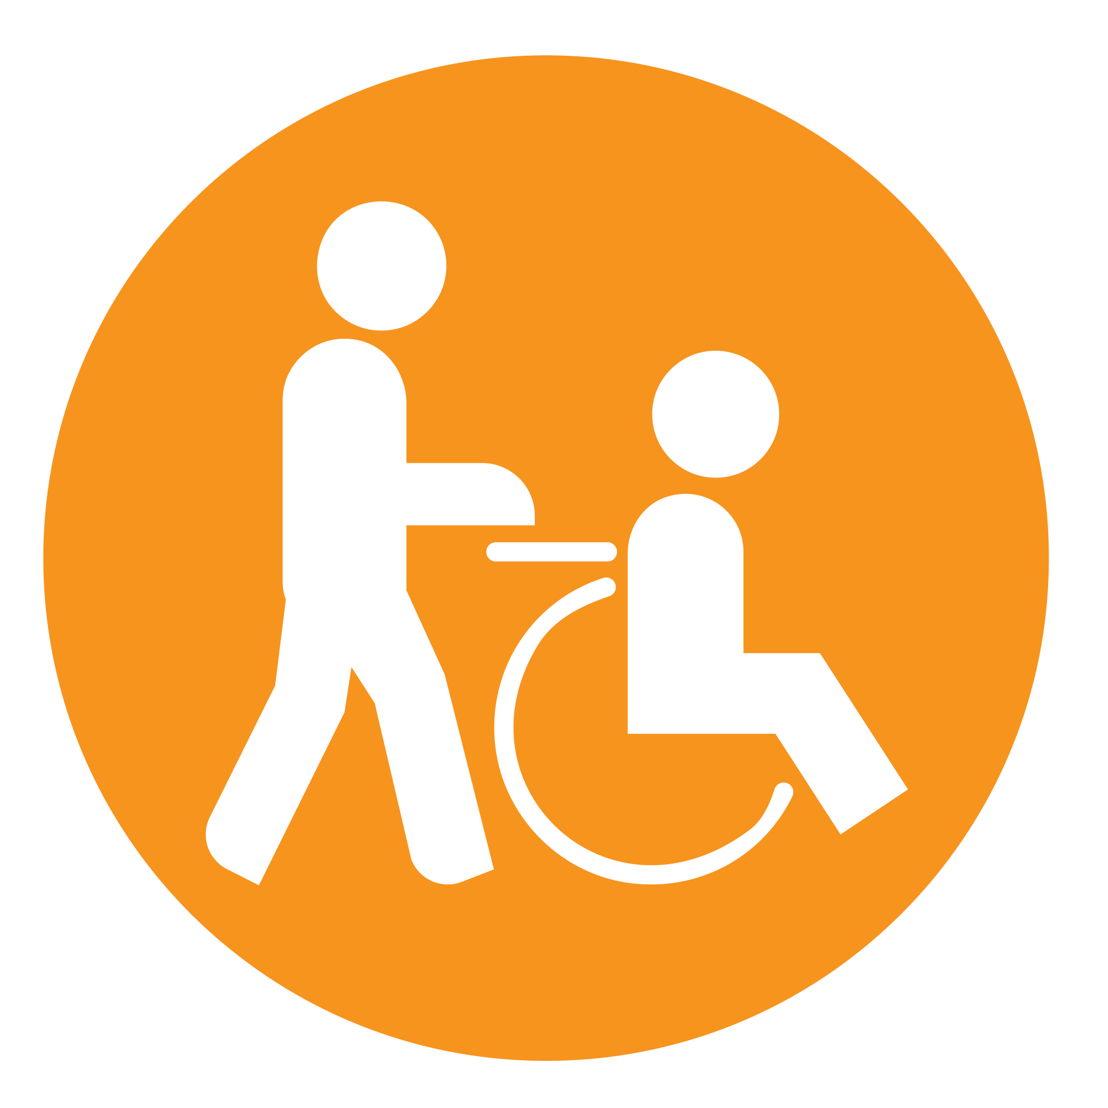 Halte toegankelijk voor personen  met mobiele beperking, assistentie mogelijk nodig. Helling naar voertuig tussen 12 en <br/> 20 %.